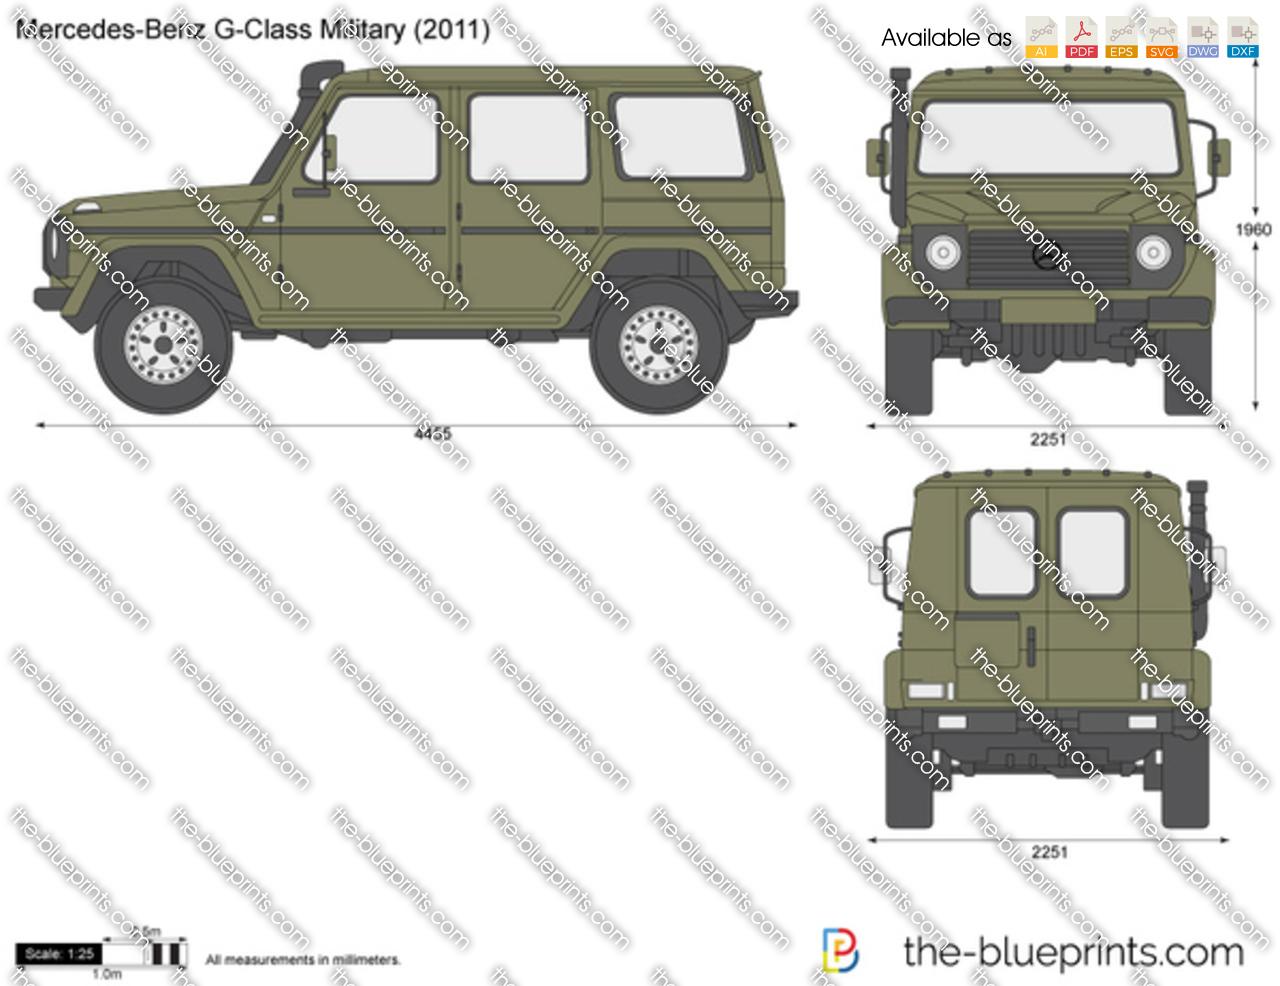 Mercedes-Benz G-Class Military 461 2005